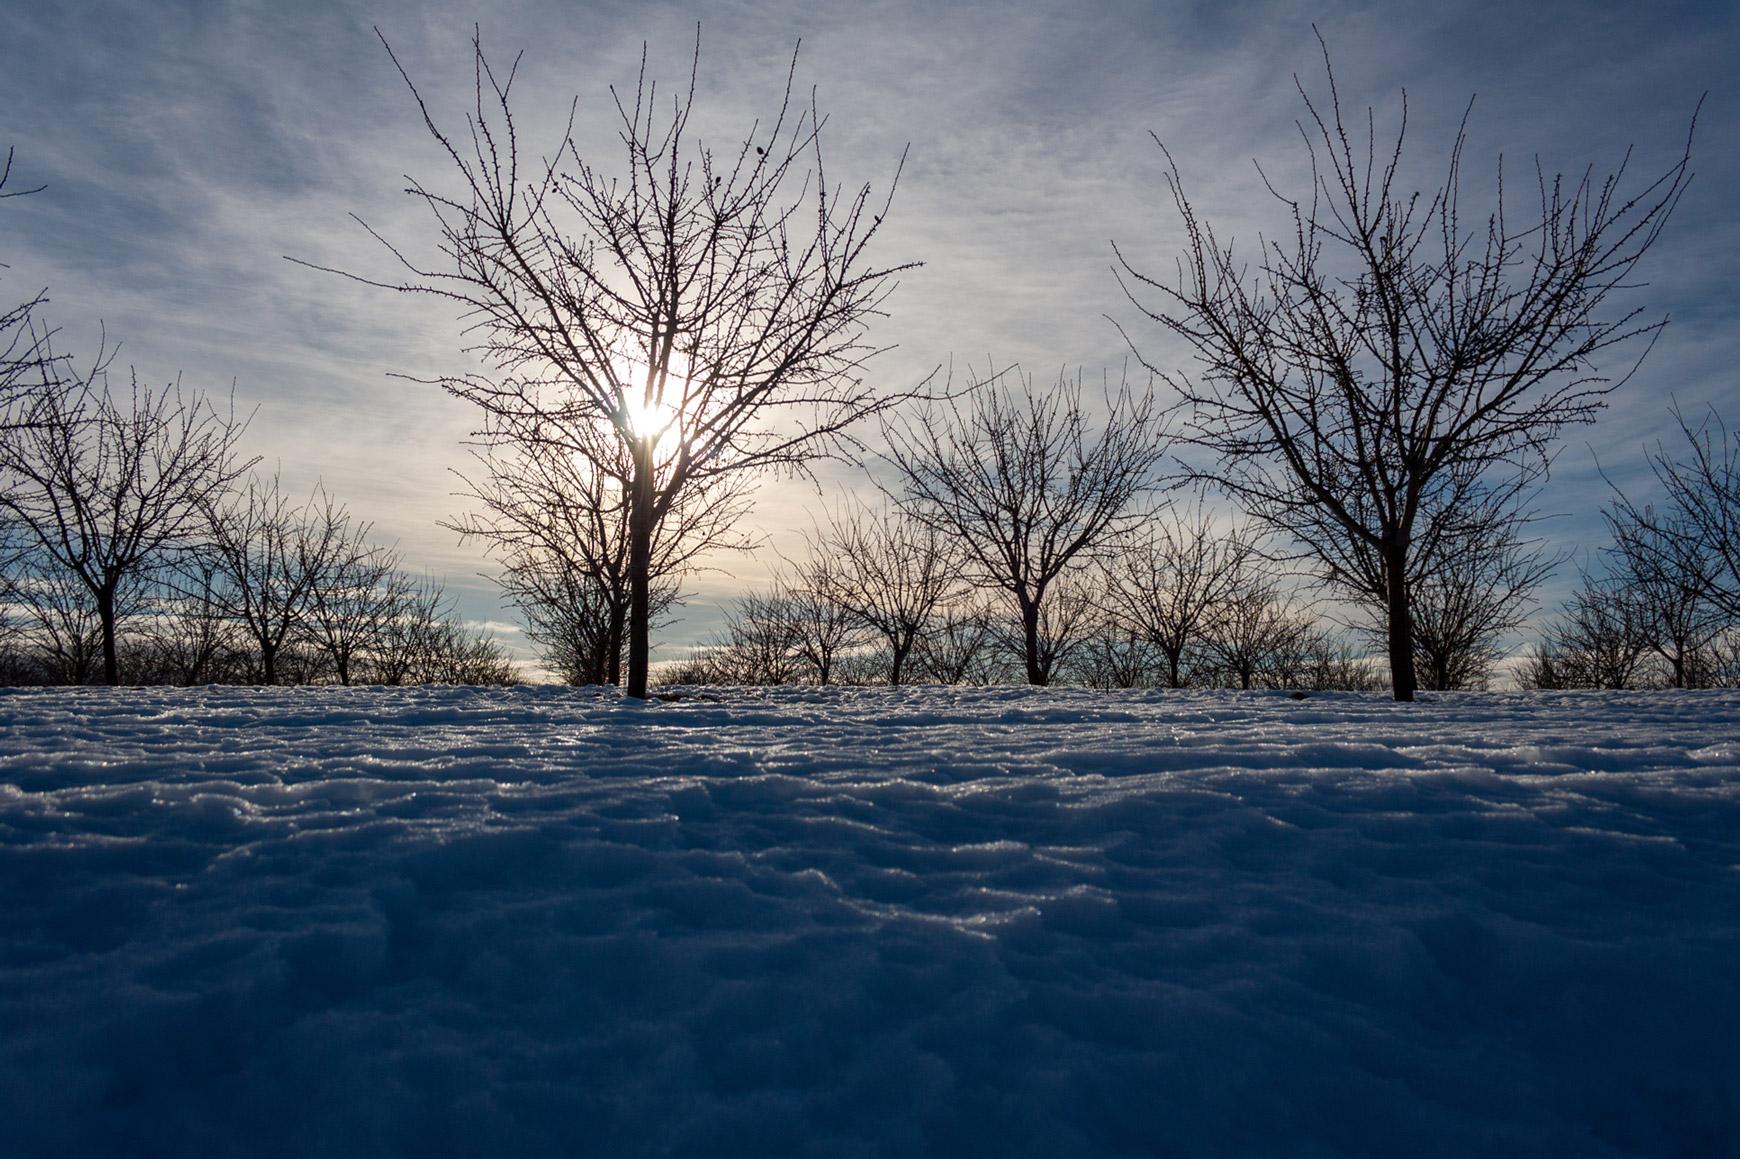 nieve-arboles-acequion